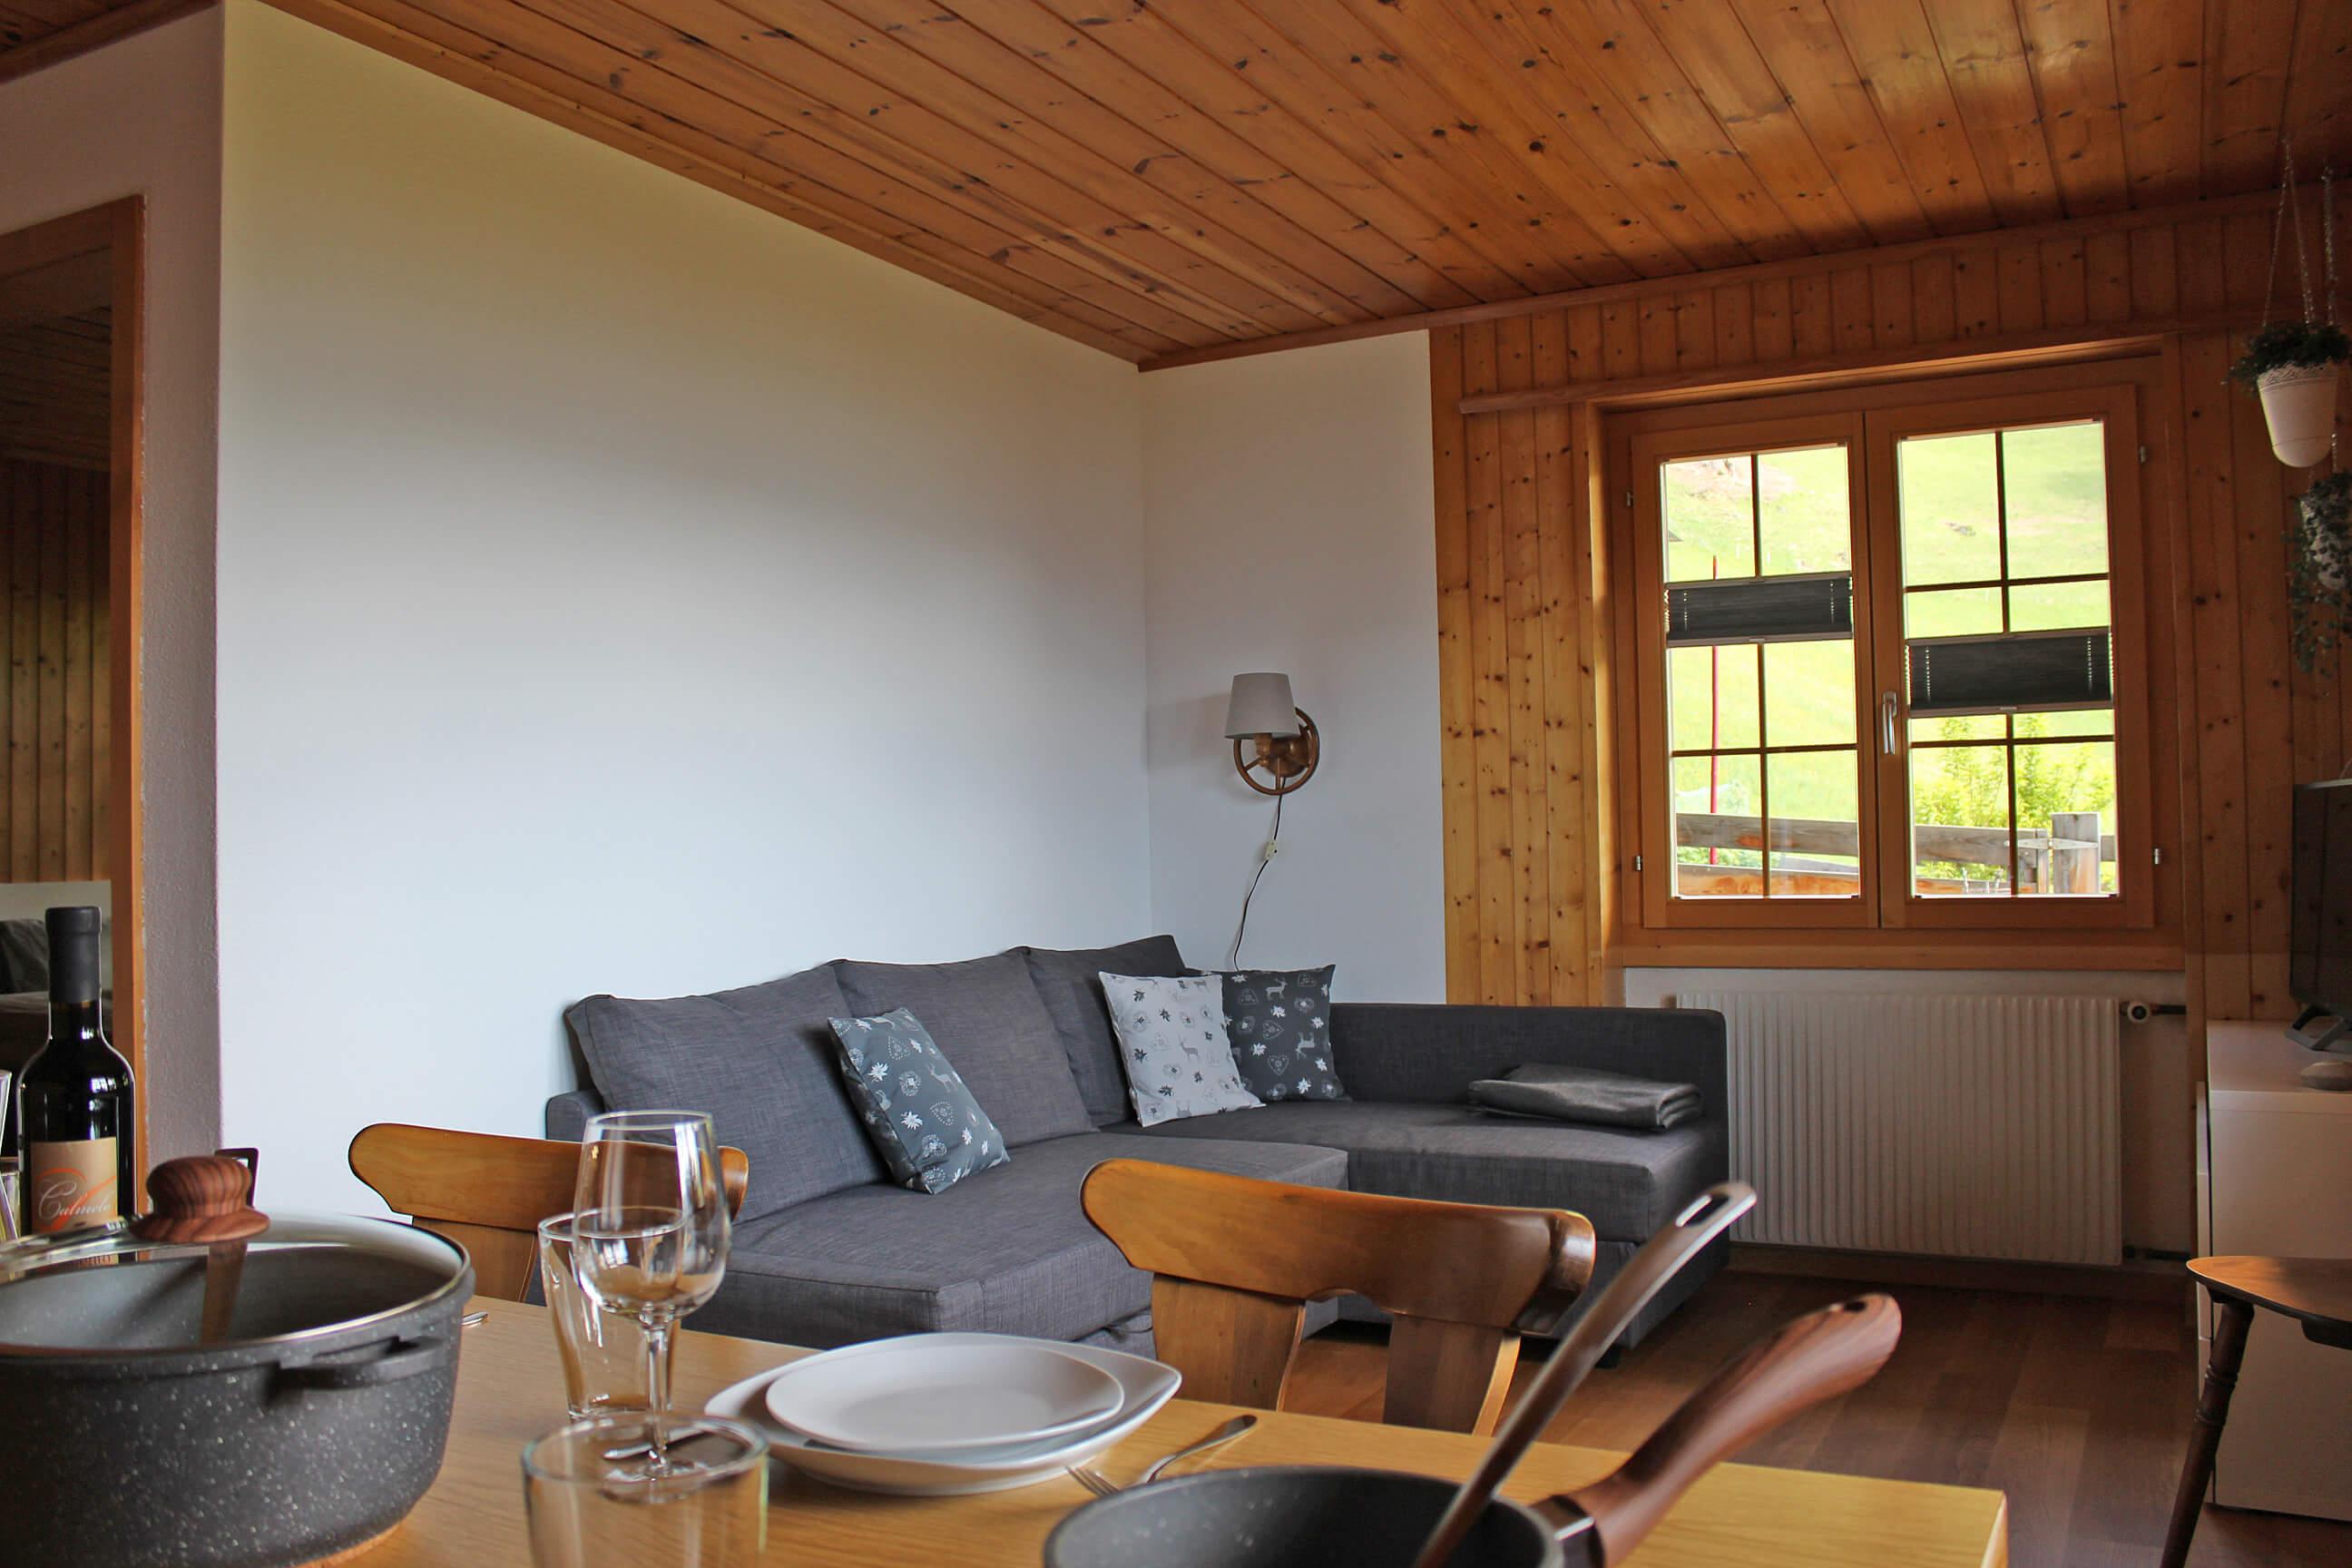 Esstisch mit Wohnzimmer